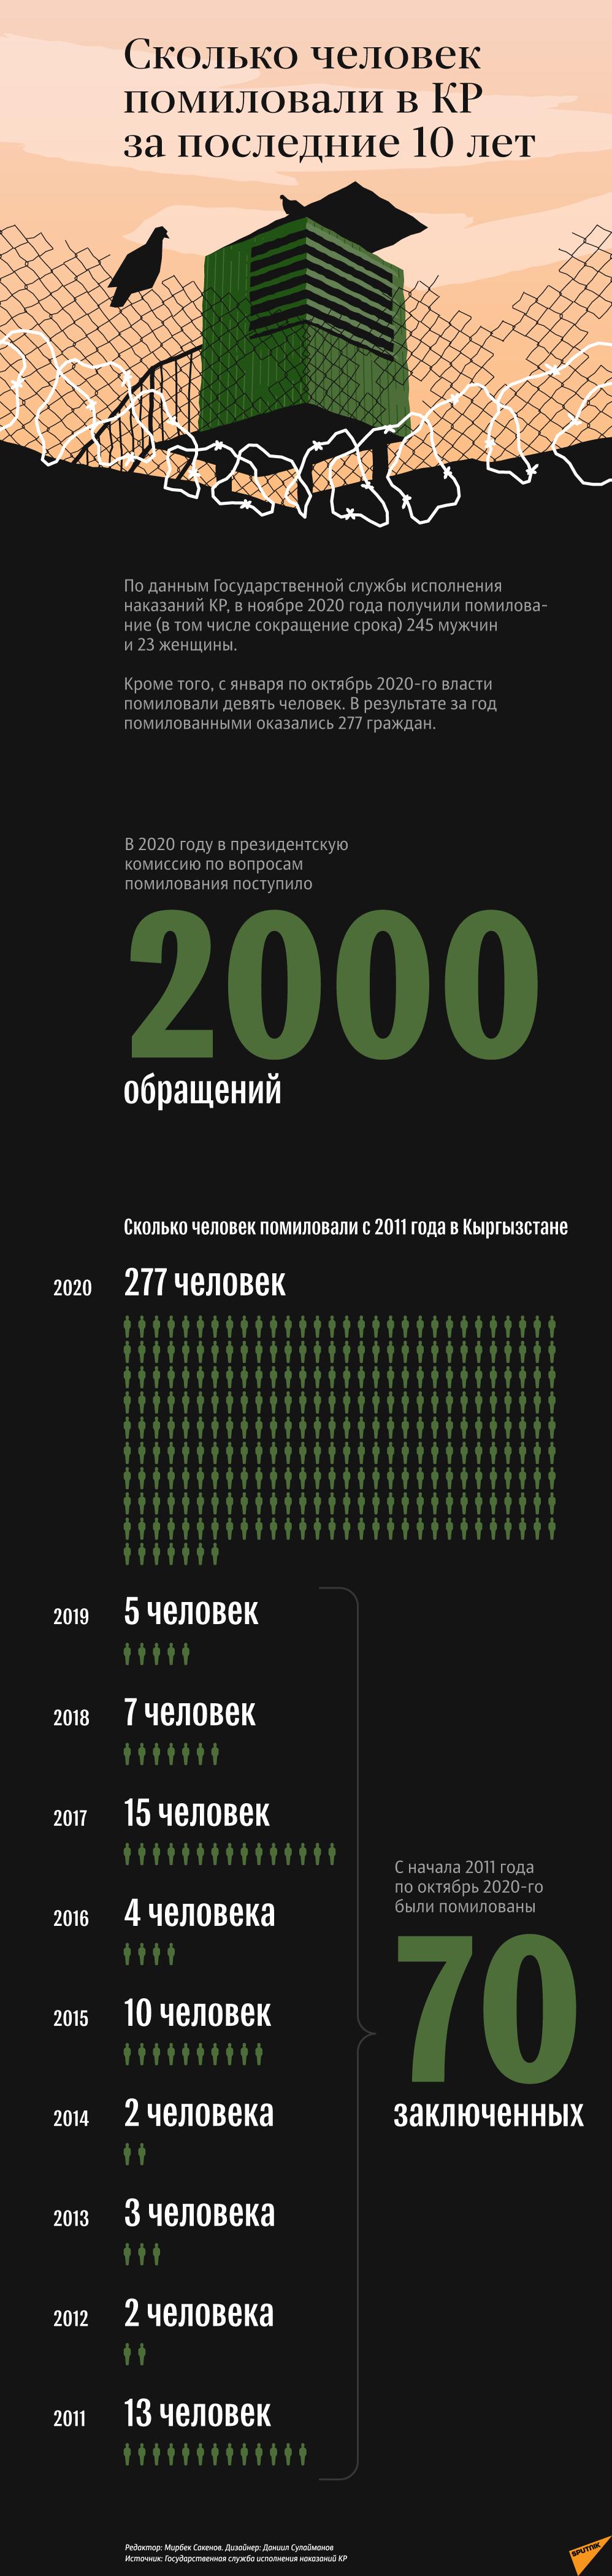 Сколько человек помиловали в КР за последние 10 лет